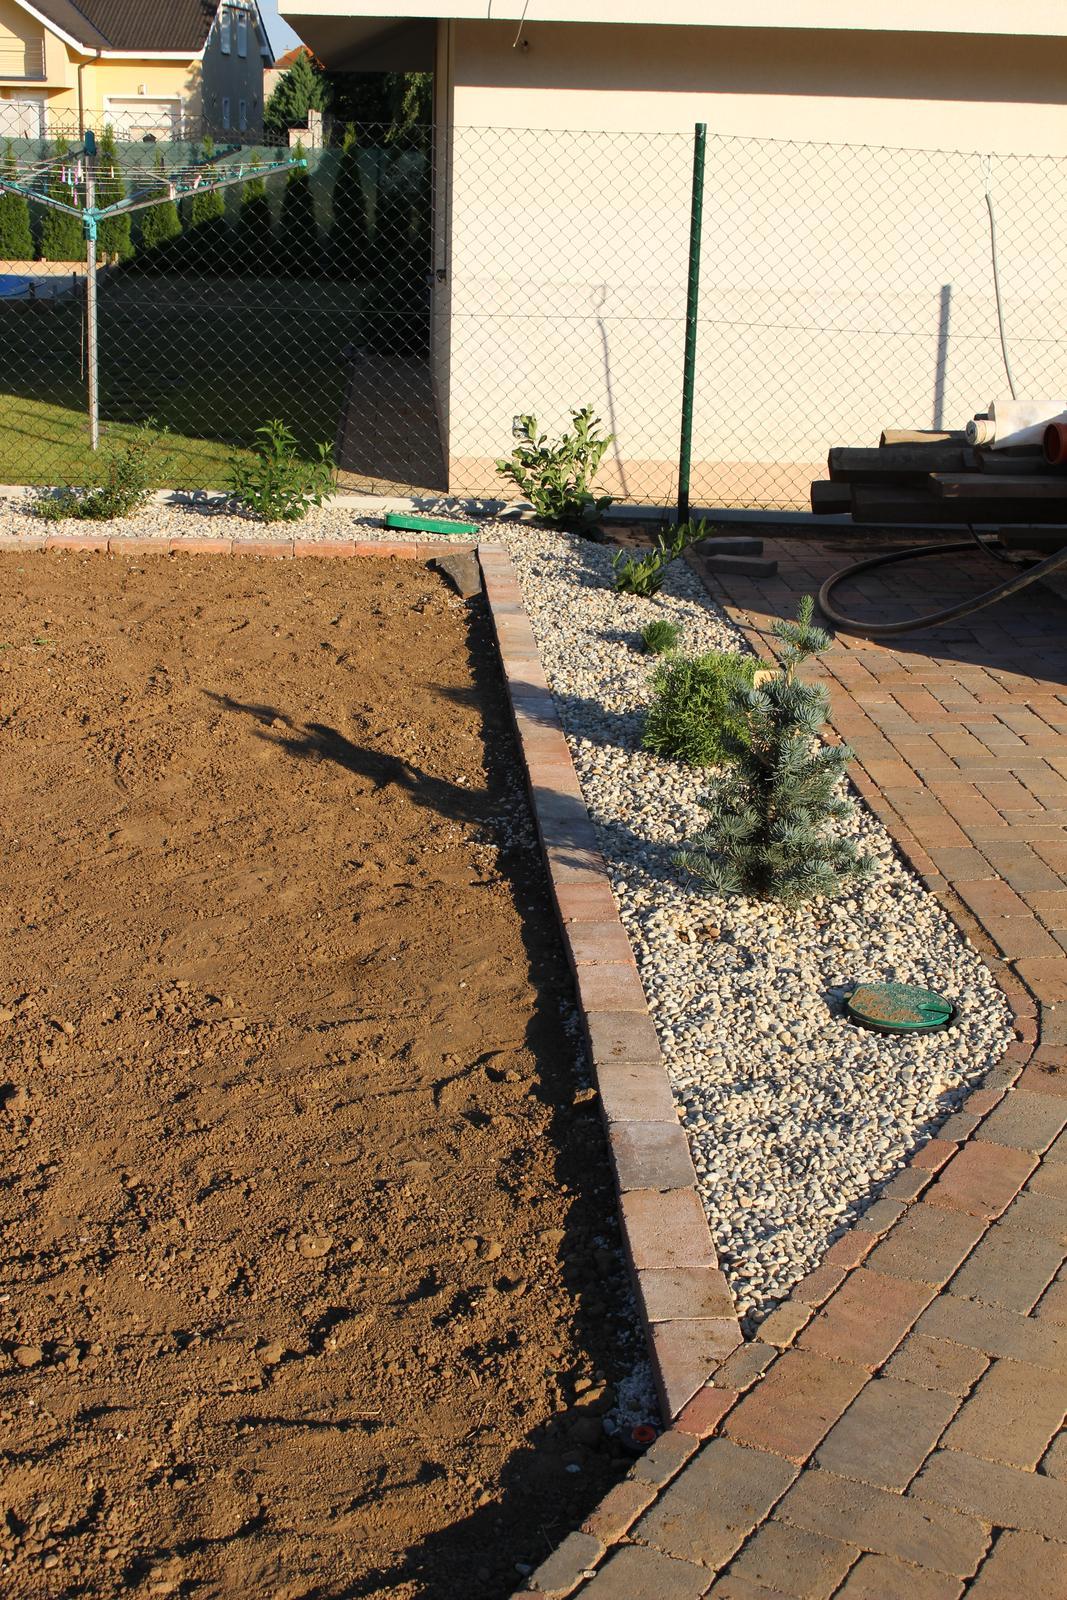 Exteriér - záhrada - To malé vpredu je budúci vonkajší vianočný stromček - jedlička